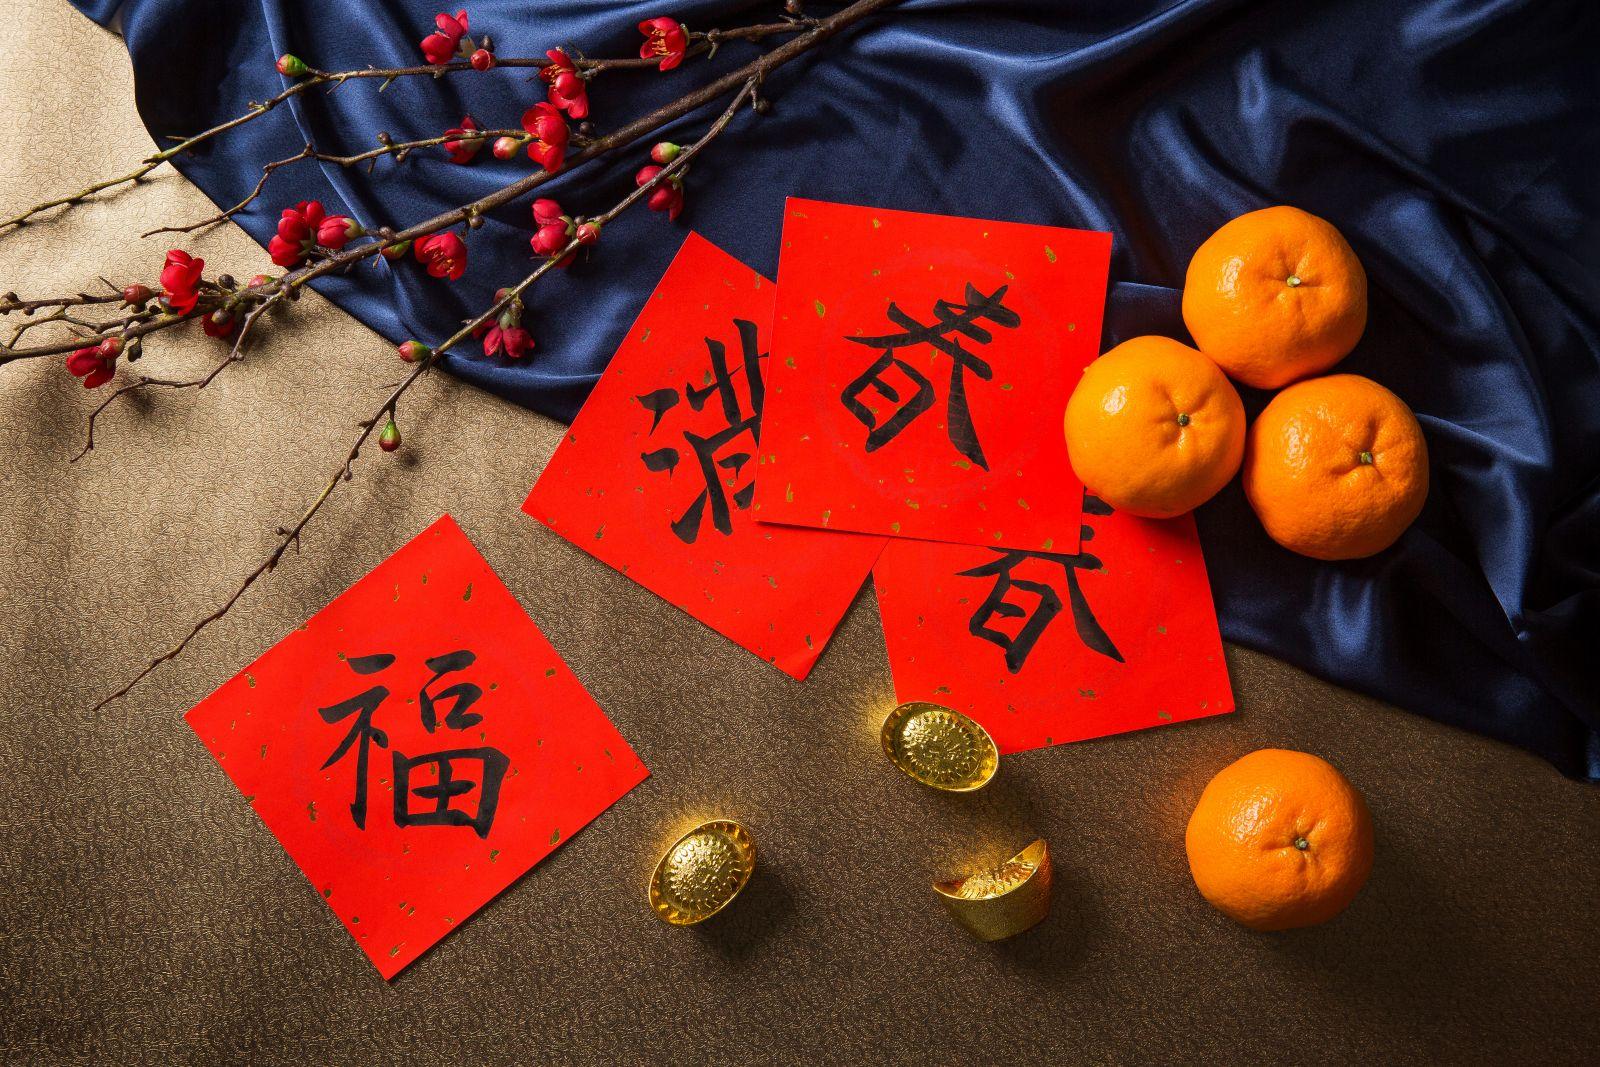 【年菜圍爐】鼠報年來福滿門 圍爐團圓迎新春